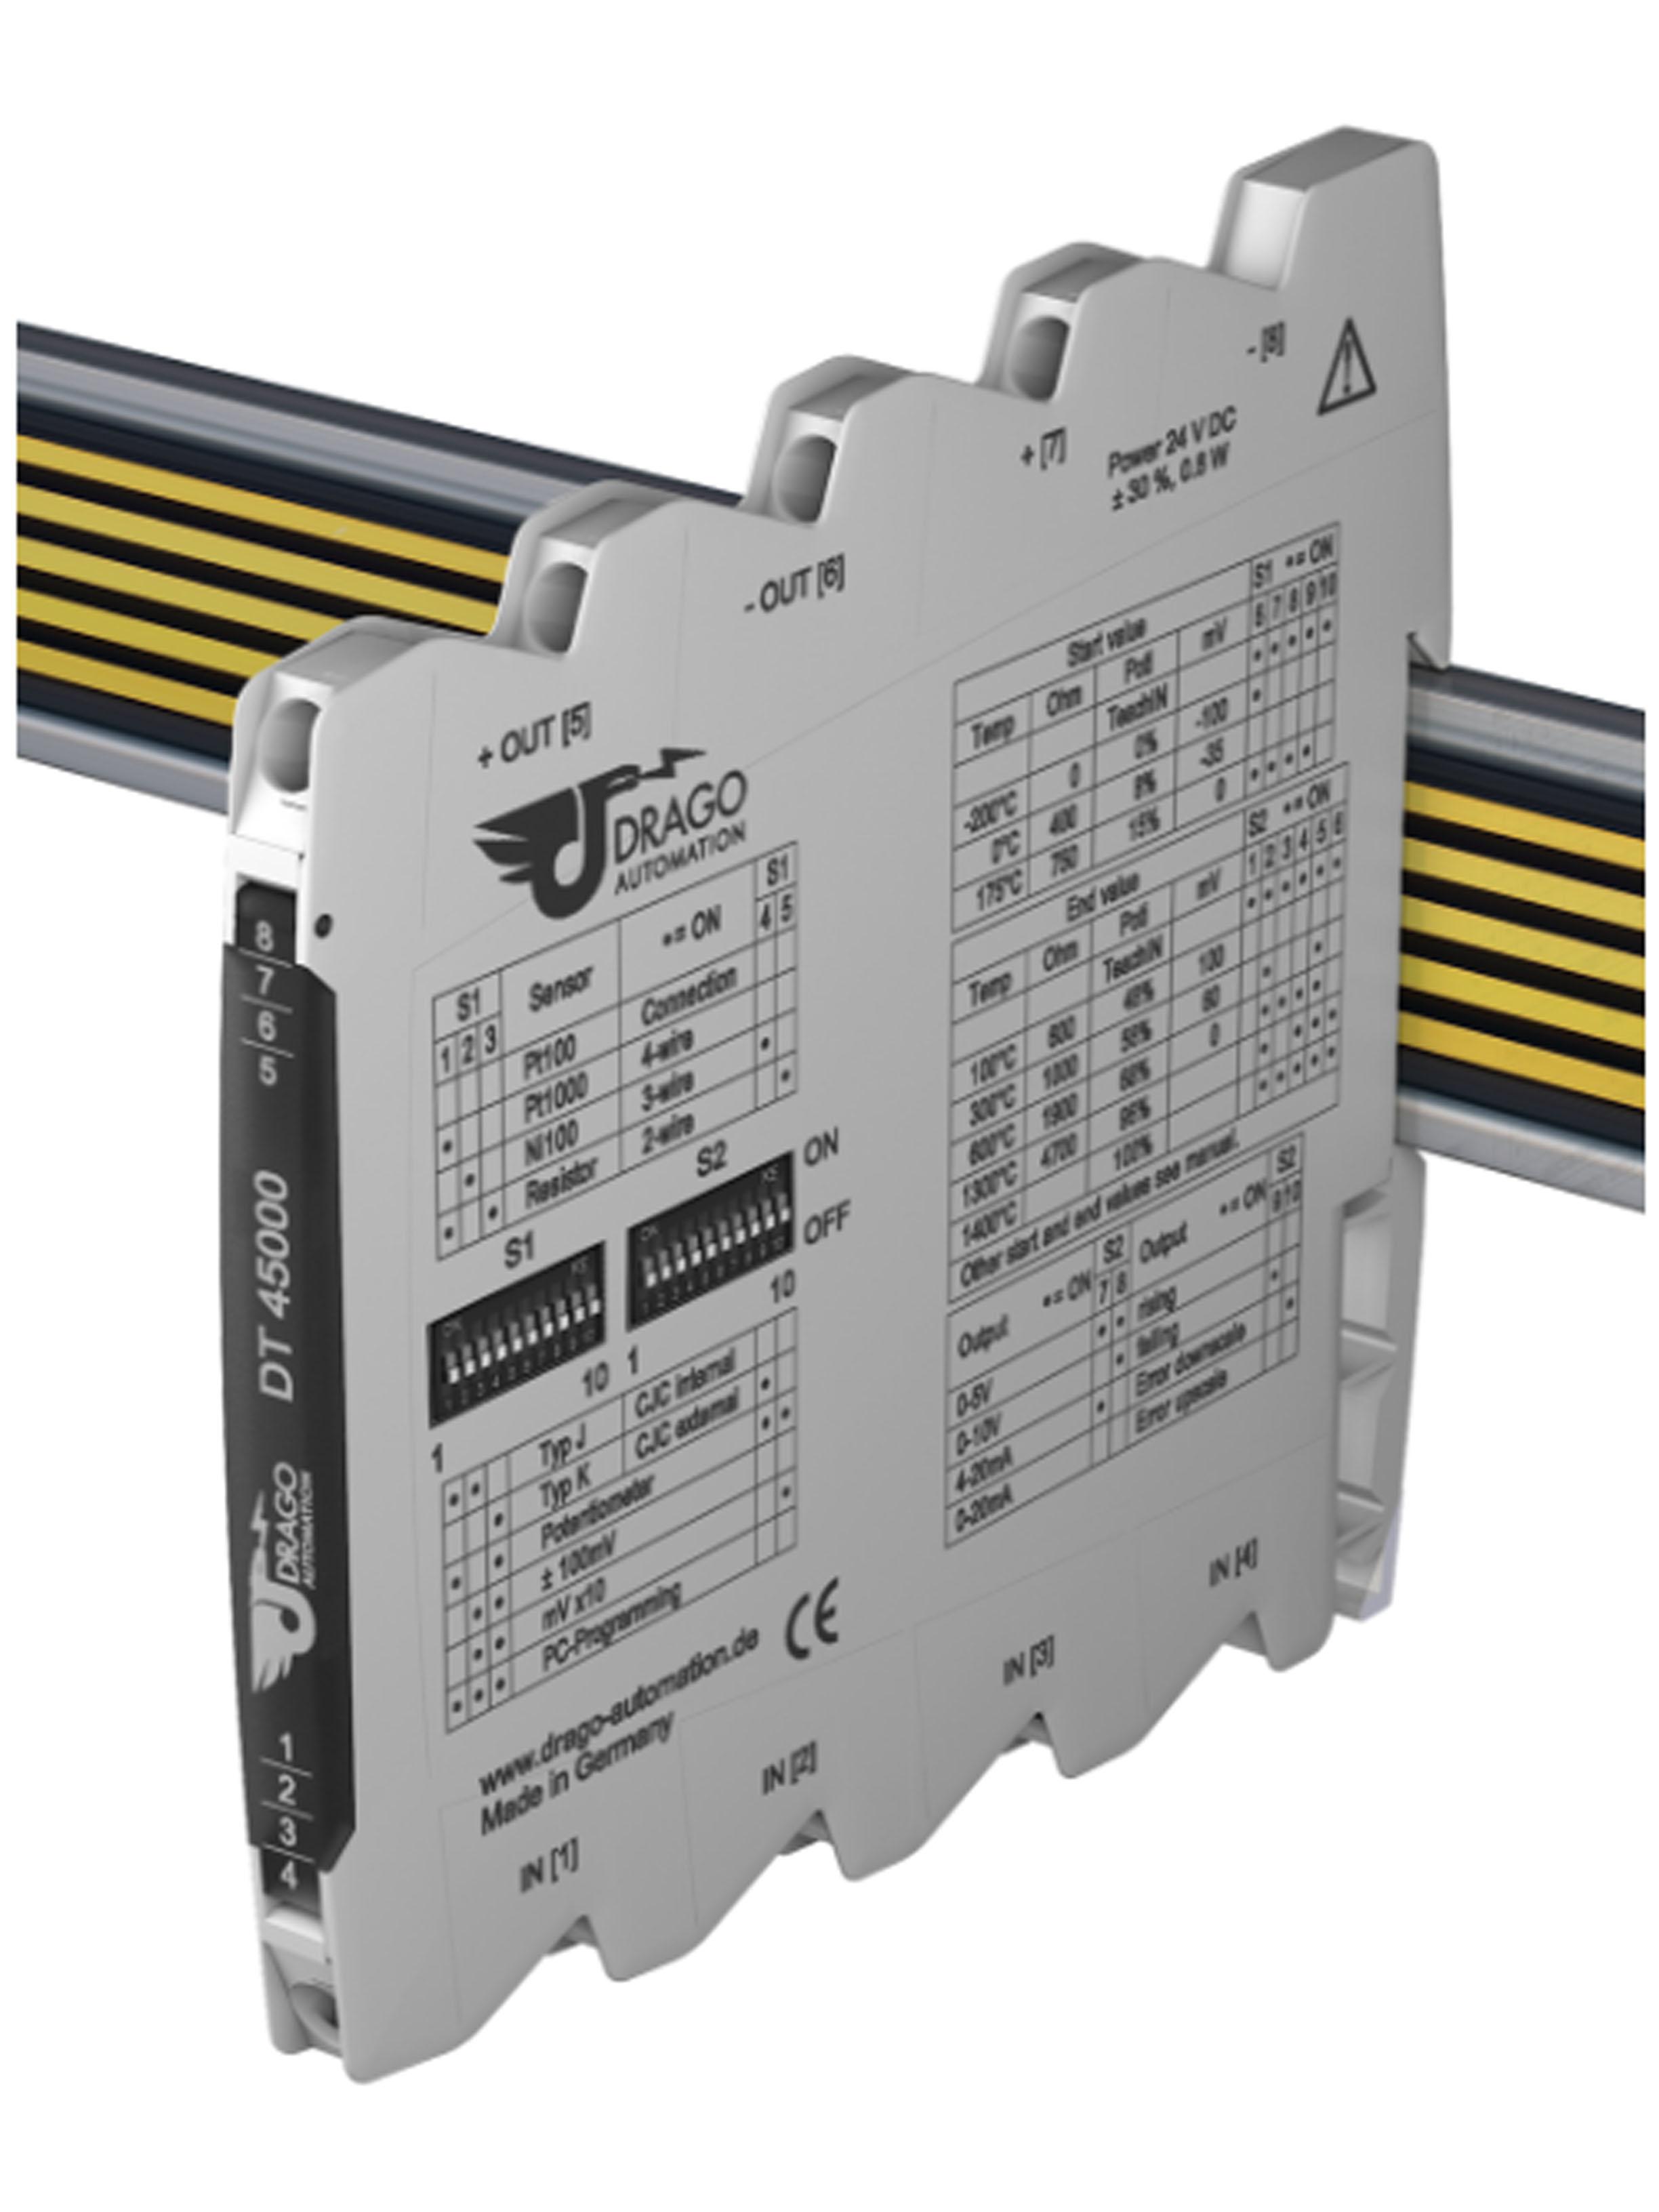 Bộ chuyển đổi tín hiệu DT45000